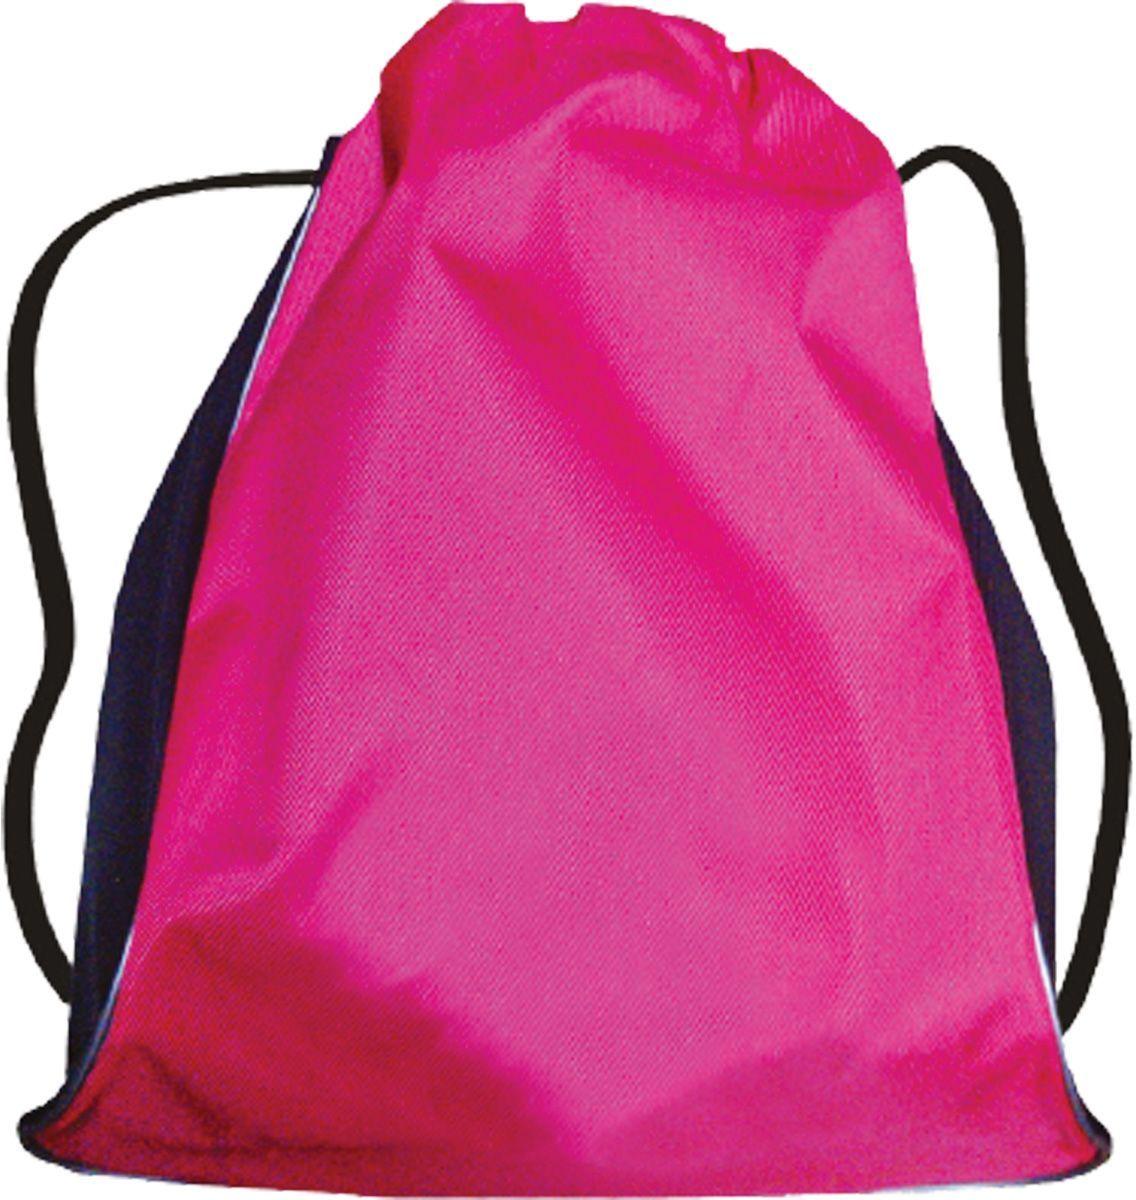 Brauberg Сумка для детской обуви 225506730396Сумка для обуви предназначена для девочек младшей и средней школы. Она выполнена в темно-розовом цвете, из водонепроницаемого материала повышенной плотности. Увеличенный объем сумки позволяет носить в ней зимнюю обувь.•Затягивается шнурком. •Водоотталкивающая ткань. •Увеличенный объем. •Размер: 34х44 см.